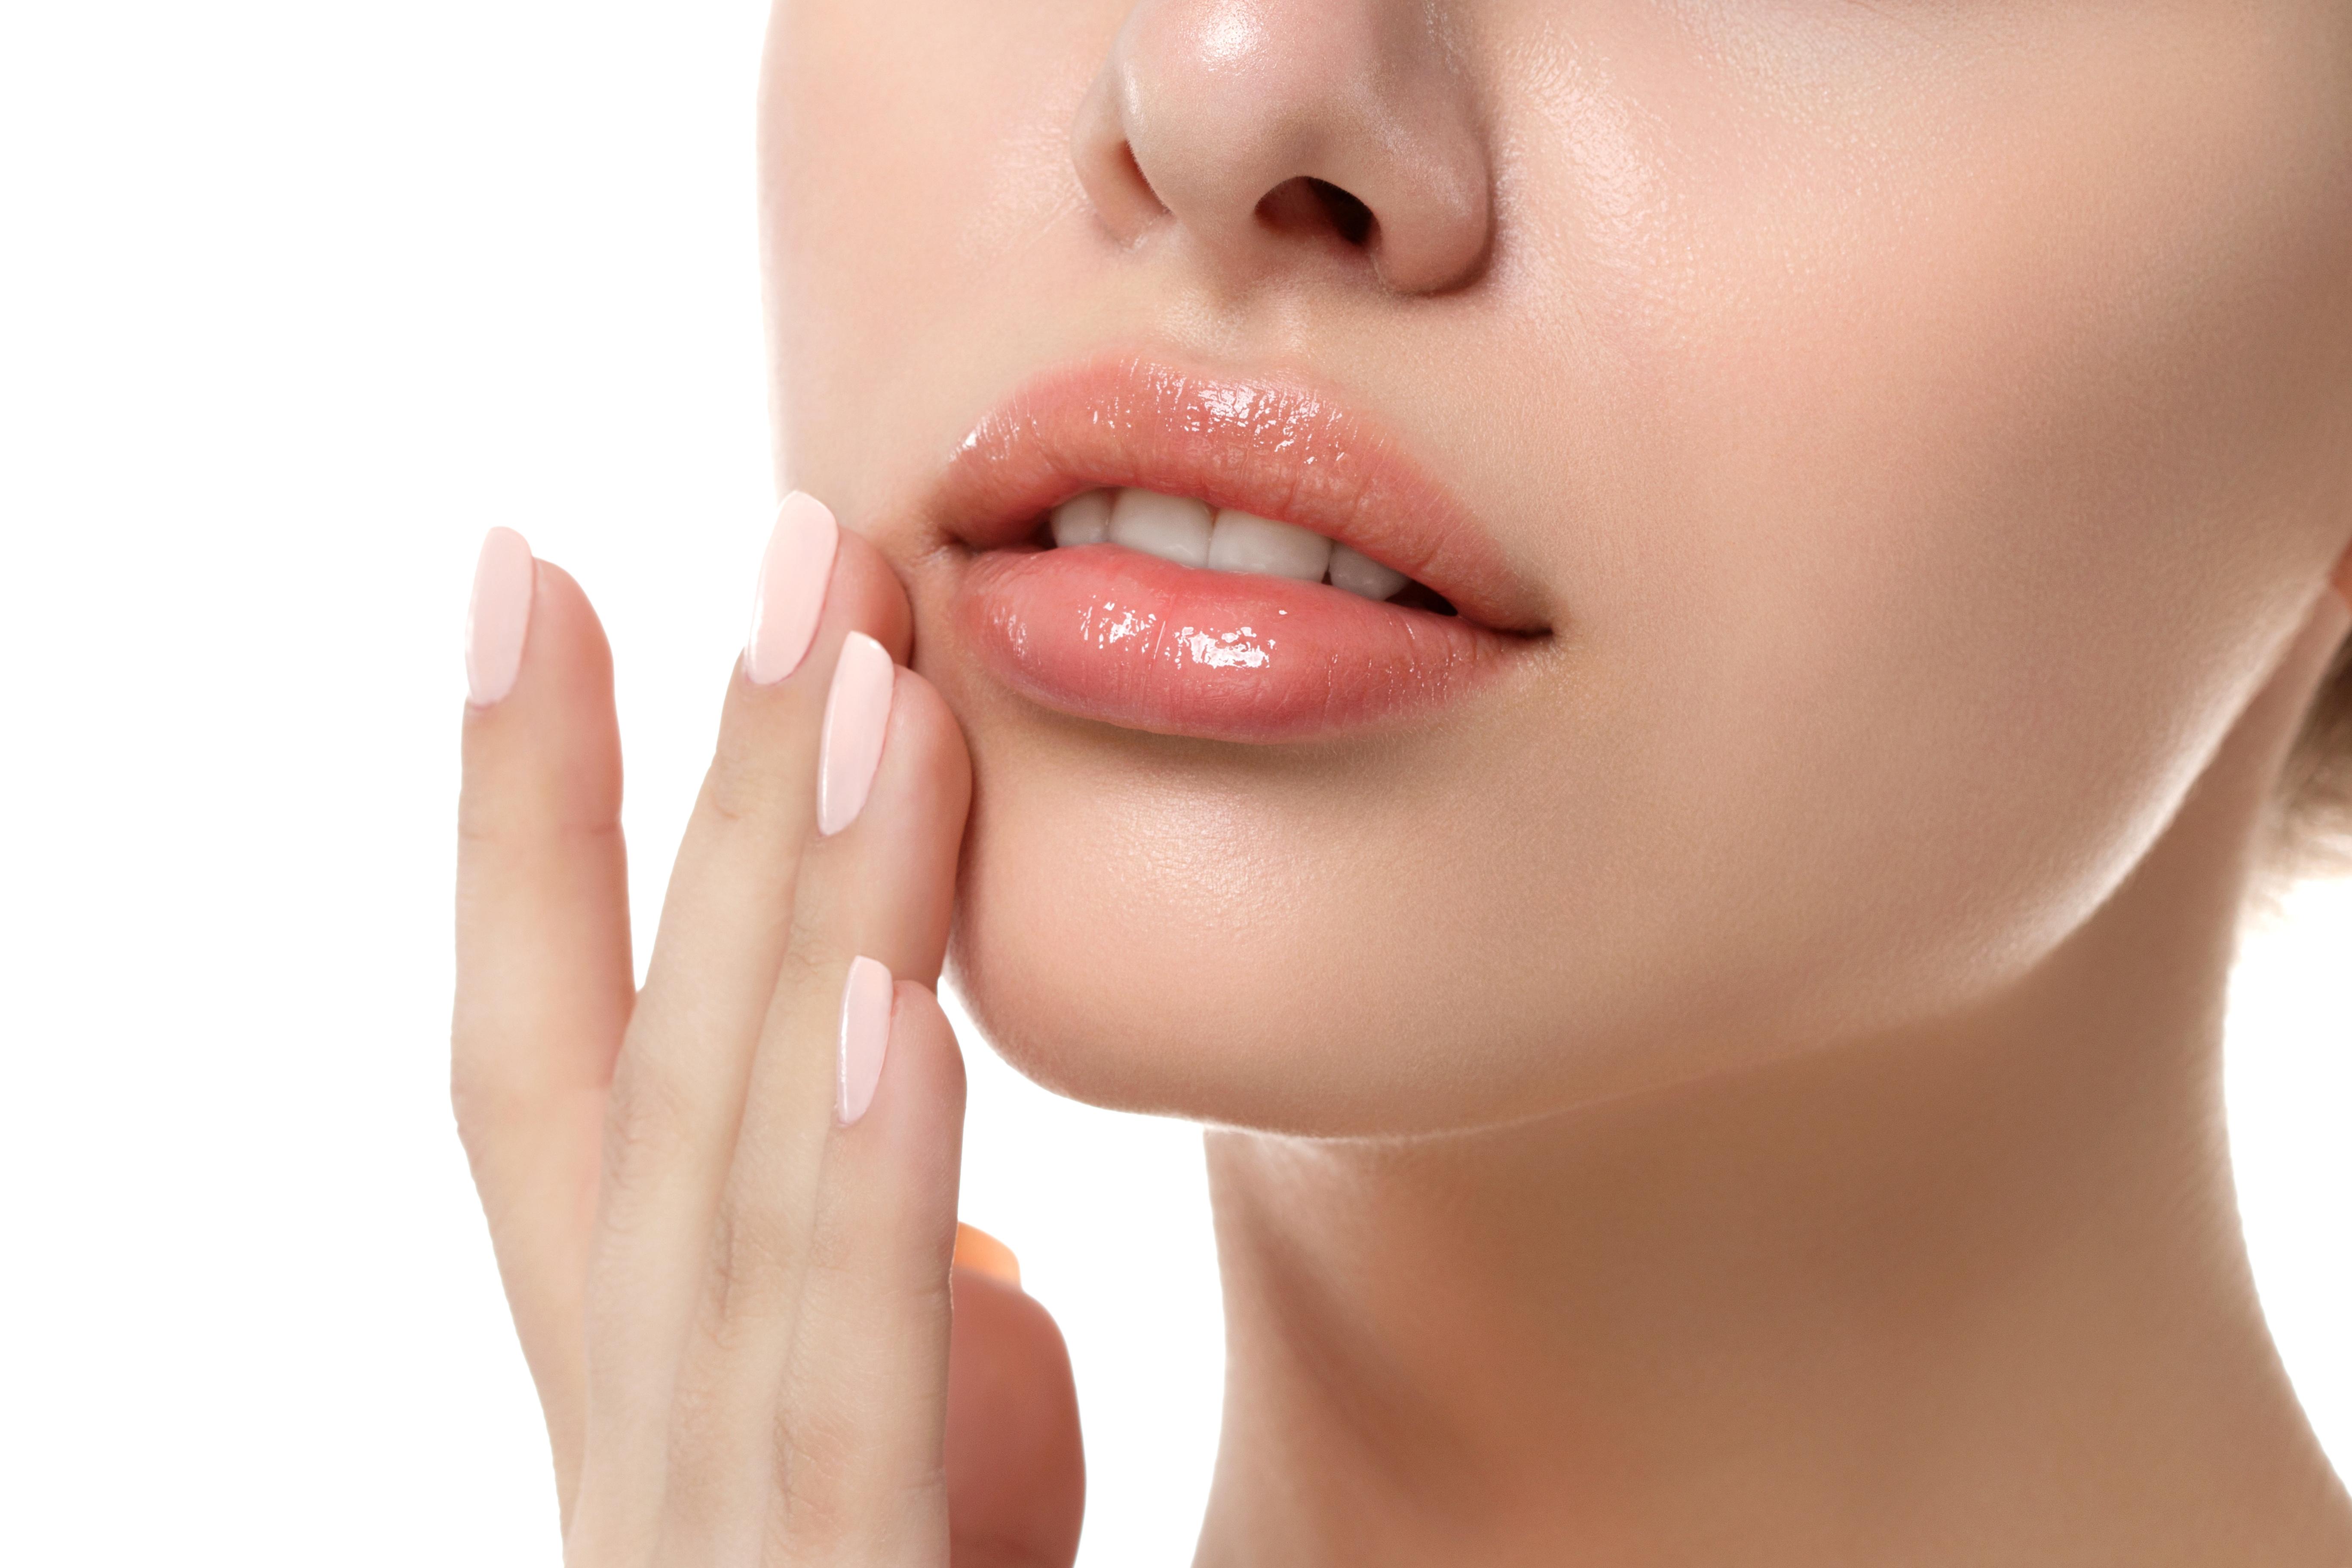 trucco permanente semipermanente tatuaggio labbra  roma velletri